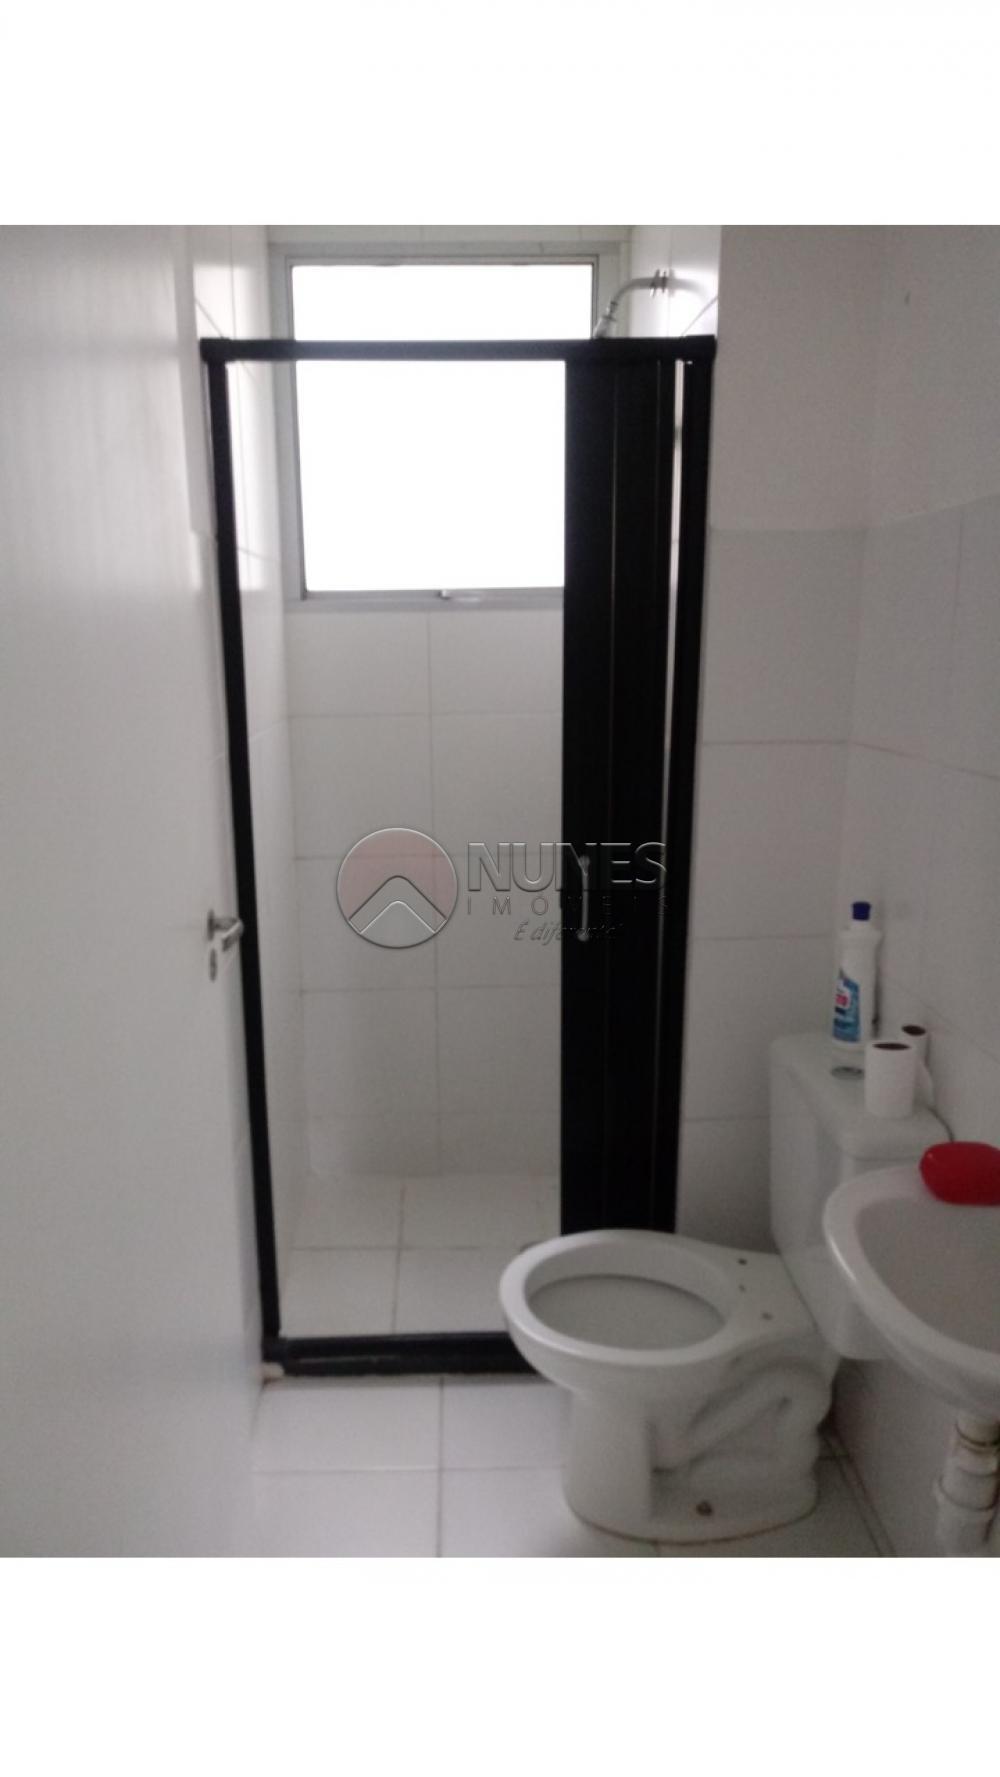 Comprar Apartamento / Padrão em Osasco apenas R$ 150.000,00 - Foto 8